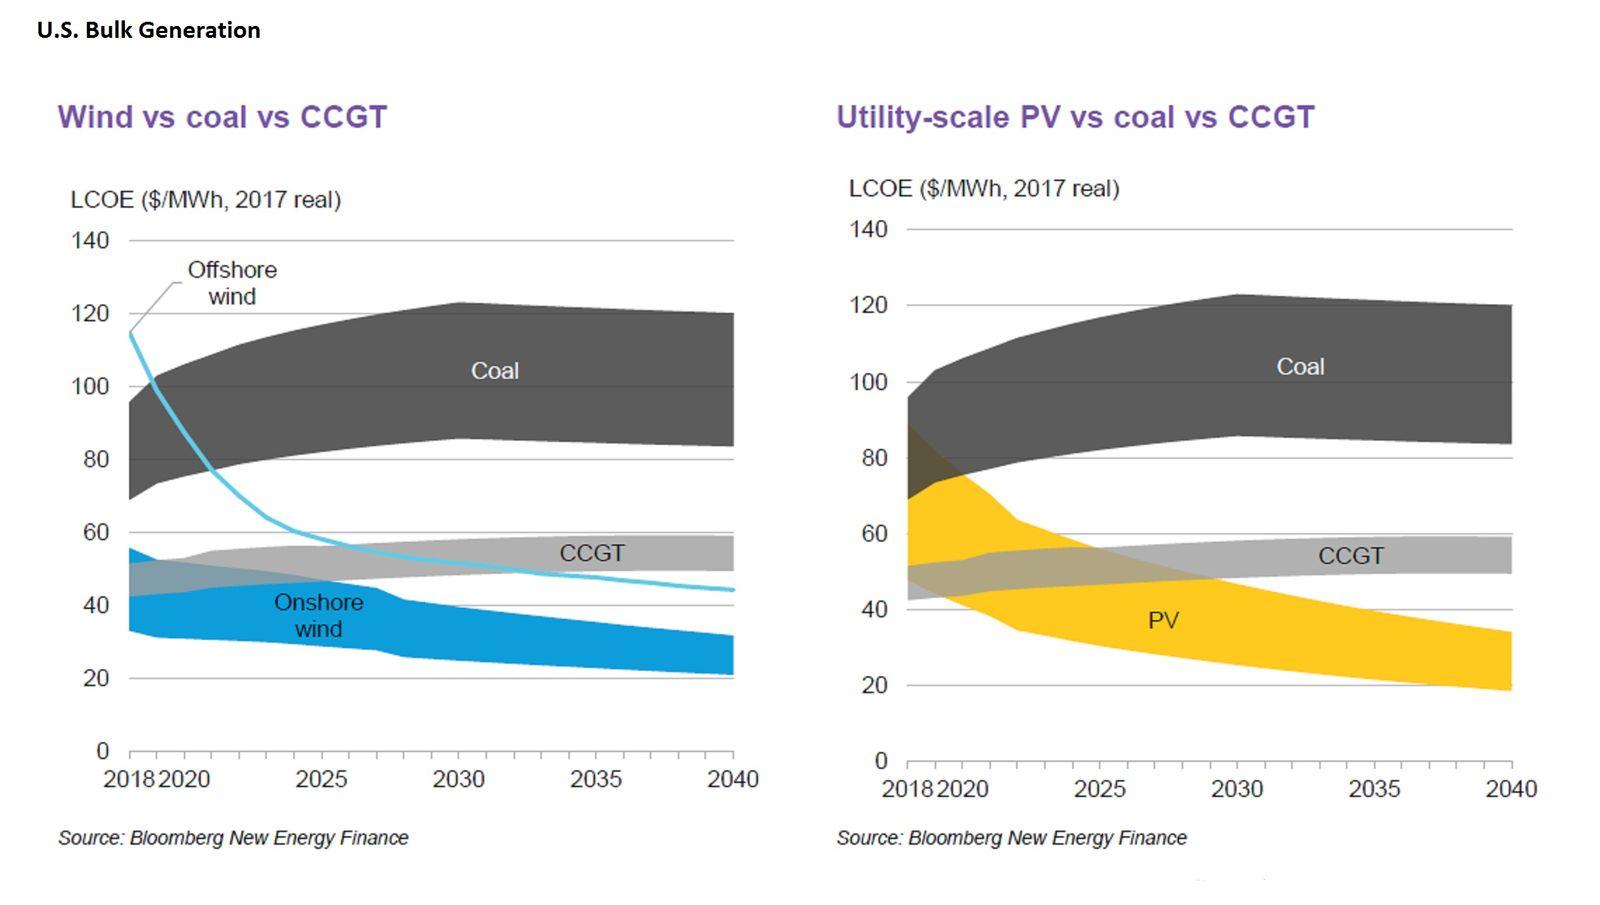 Levelized cost of U.S. bulk energy generation